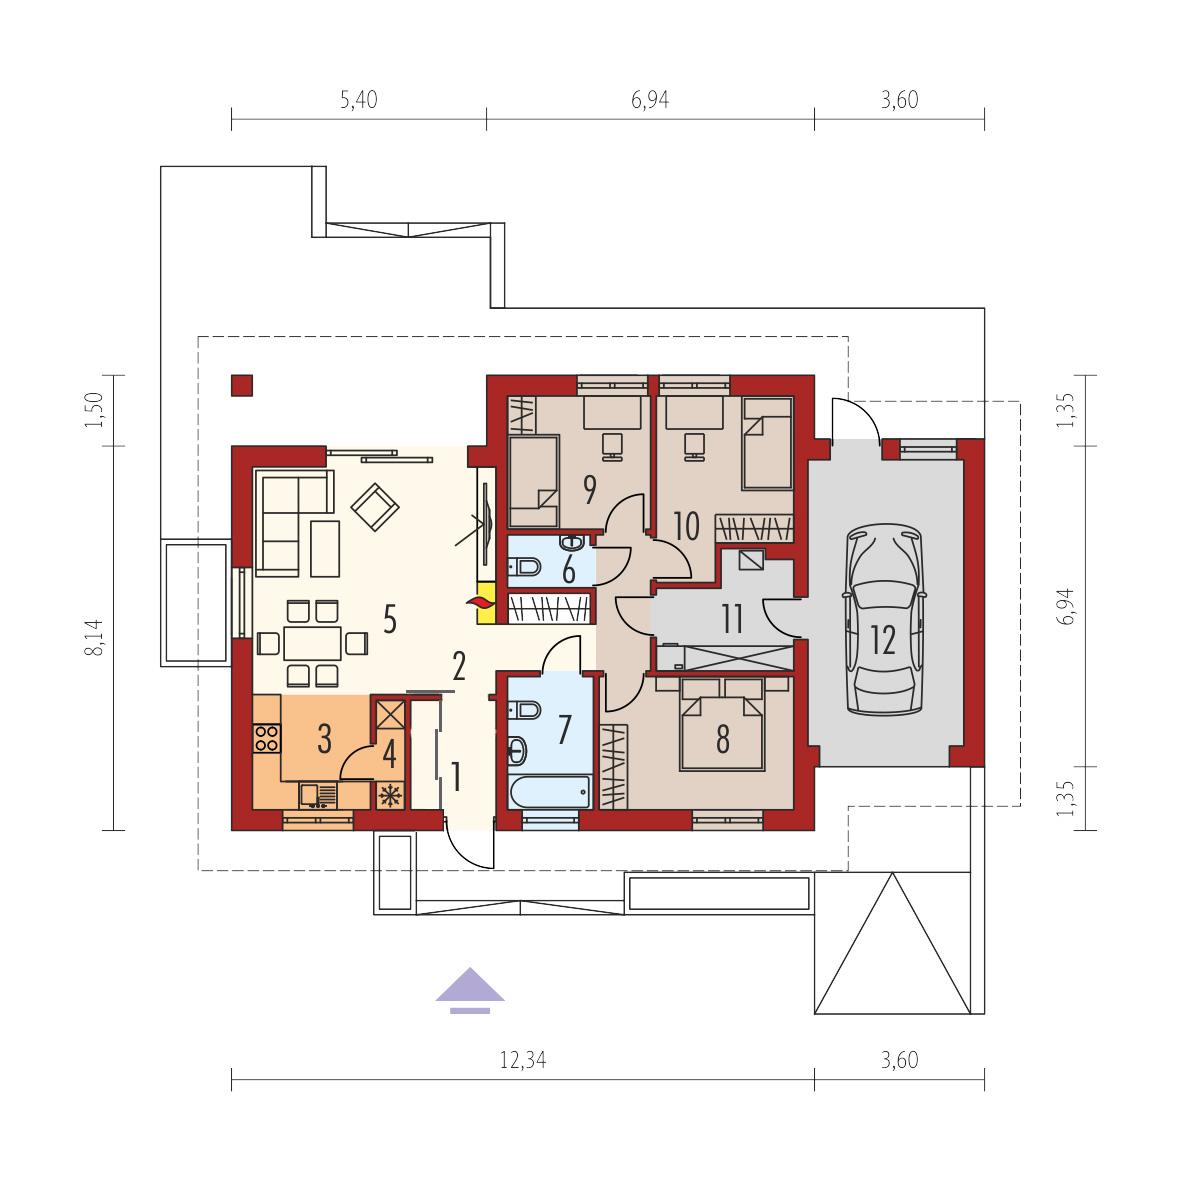 Maison Ossature Bois Kit Mini 1g1 88 52 M 3 Chambres 20 00 M Garage Rt 2020 Autoconstruction